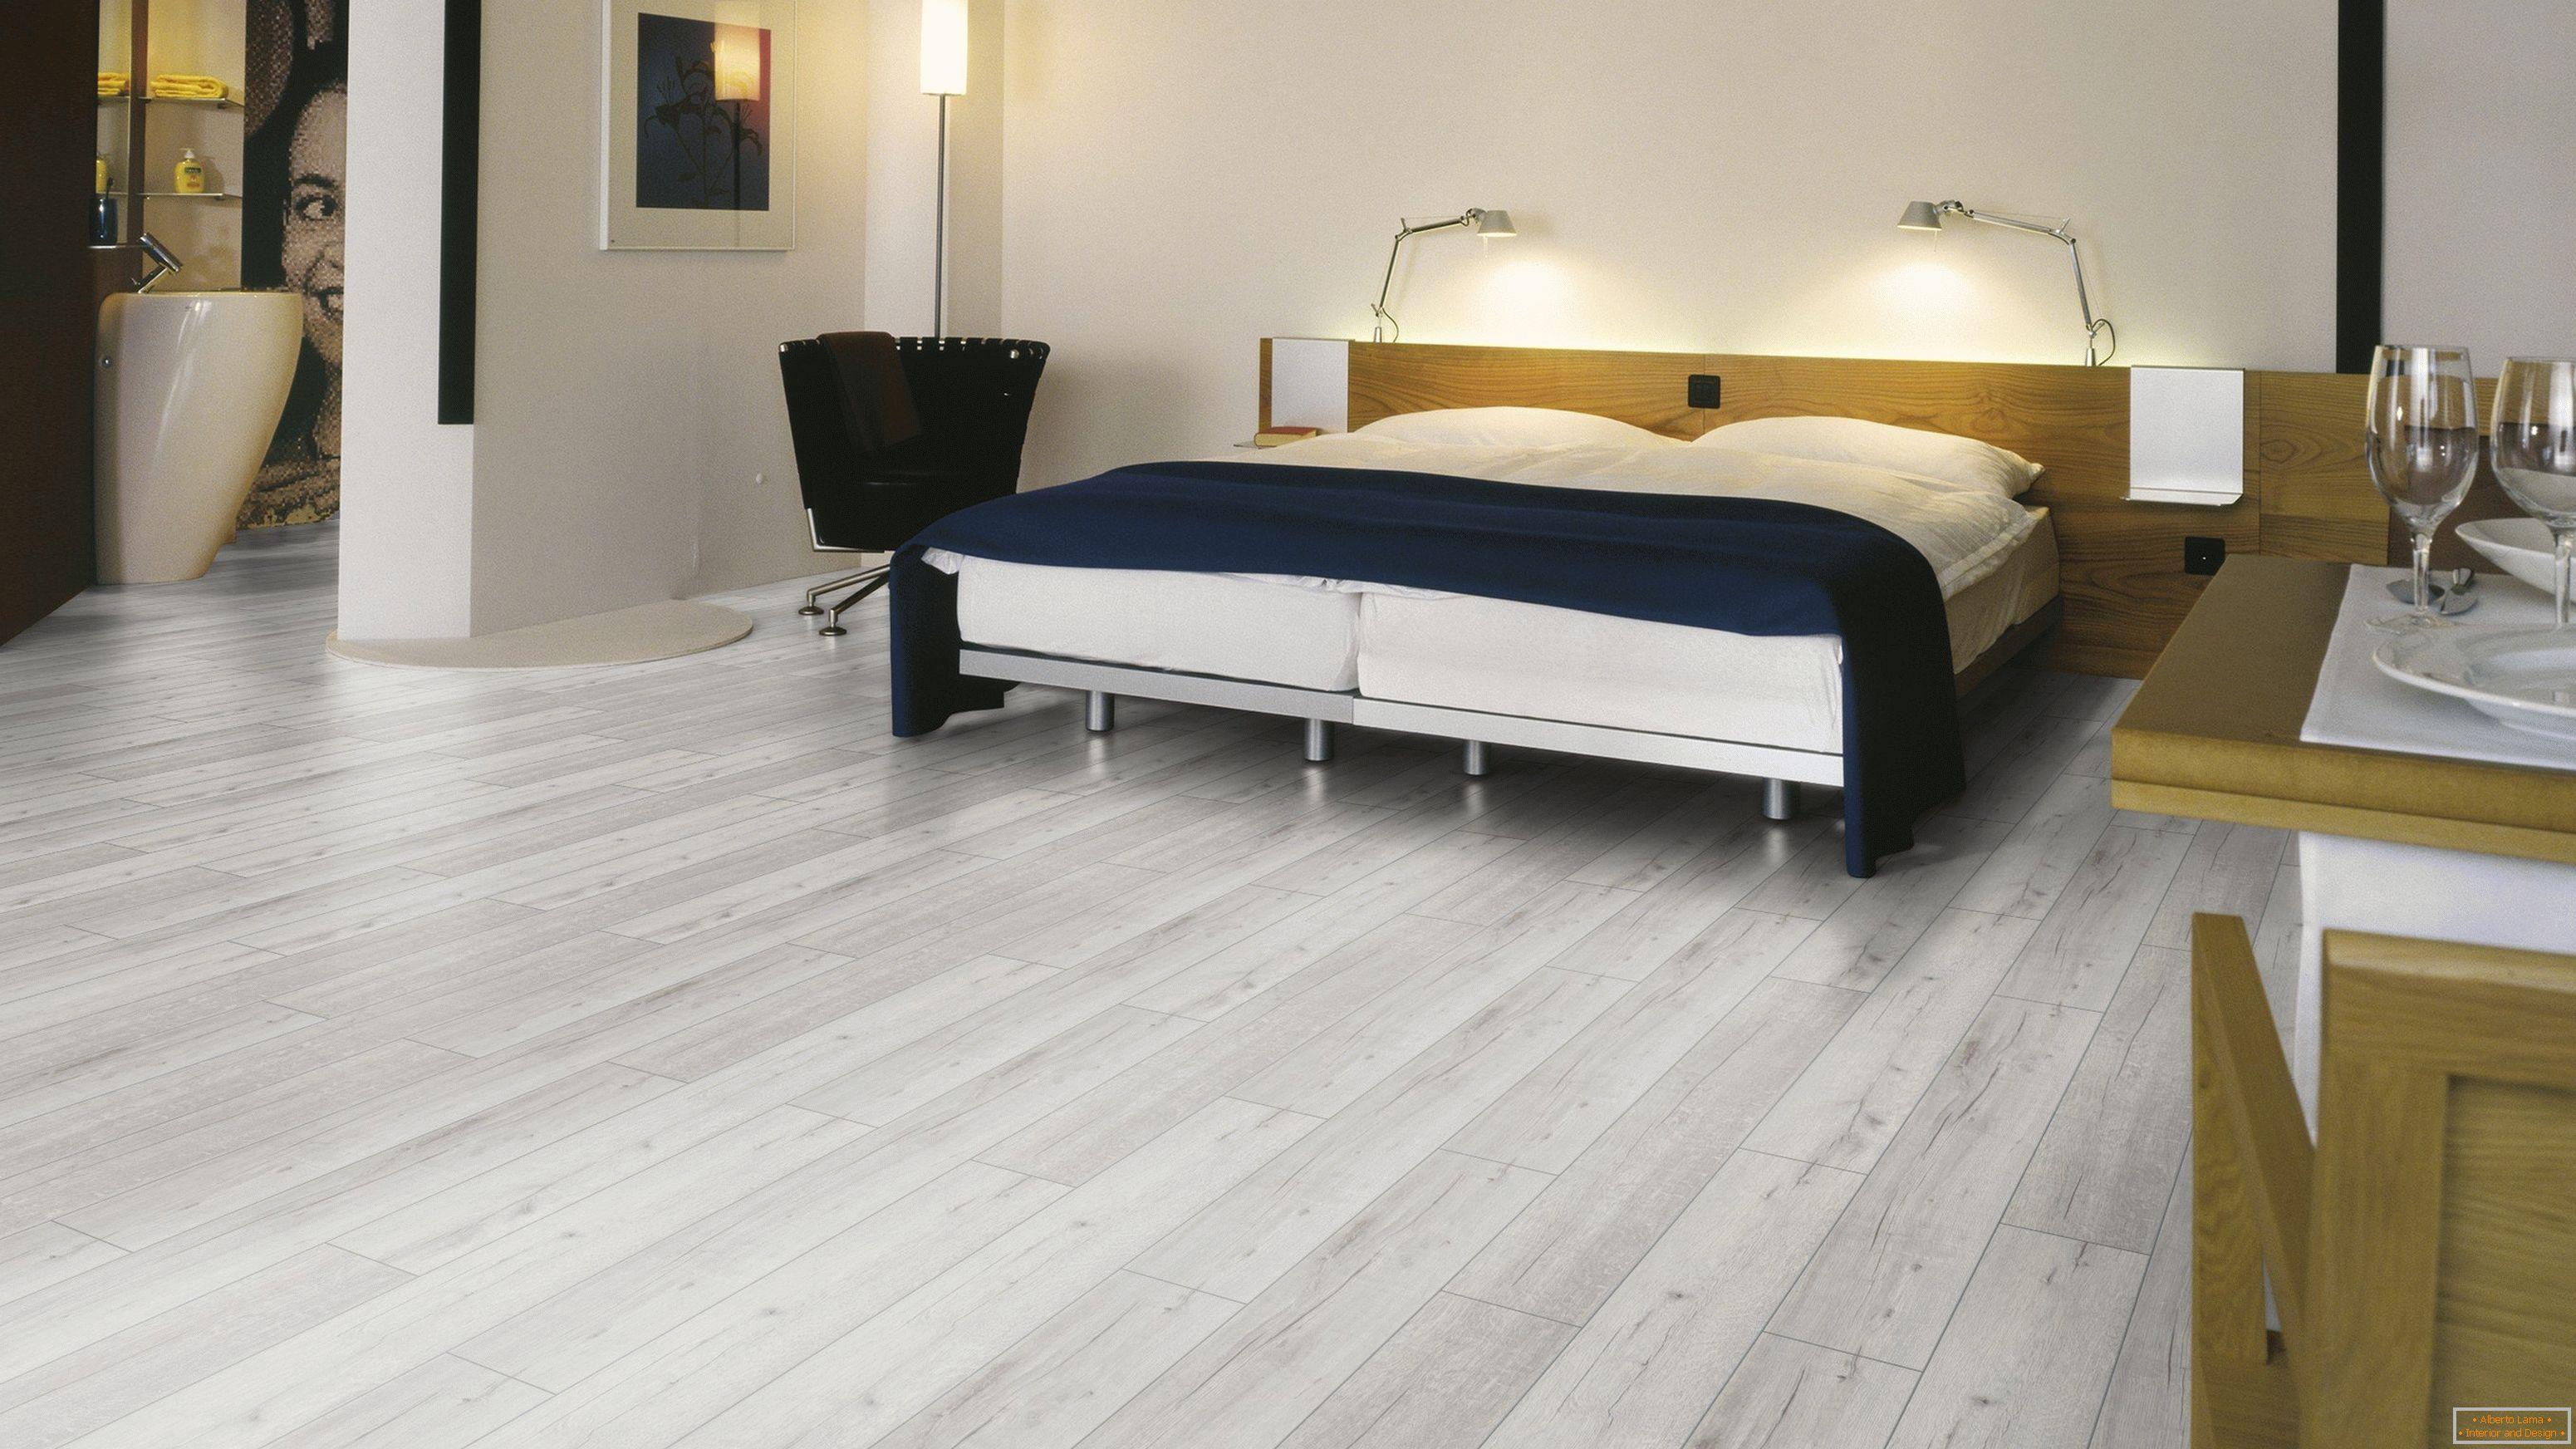 Fußboden Schlafzimmer Yoga ~ Dunkle küche heller boden » schlafzimmer heller boden helle küche